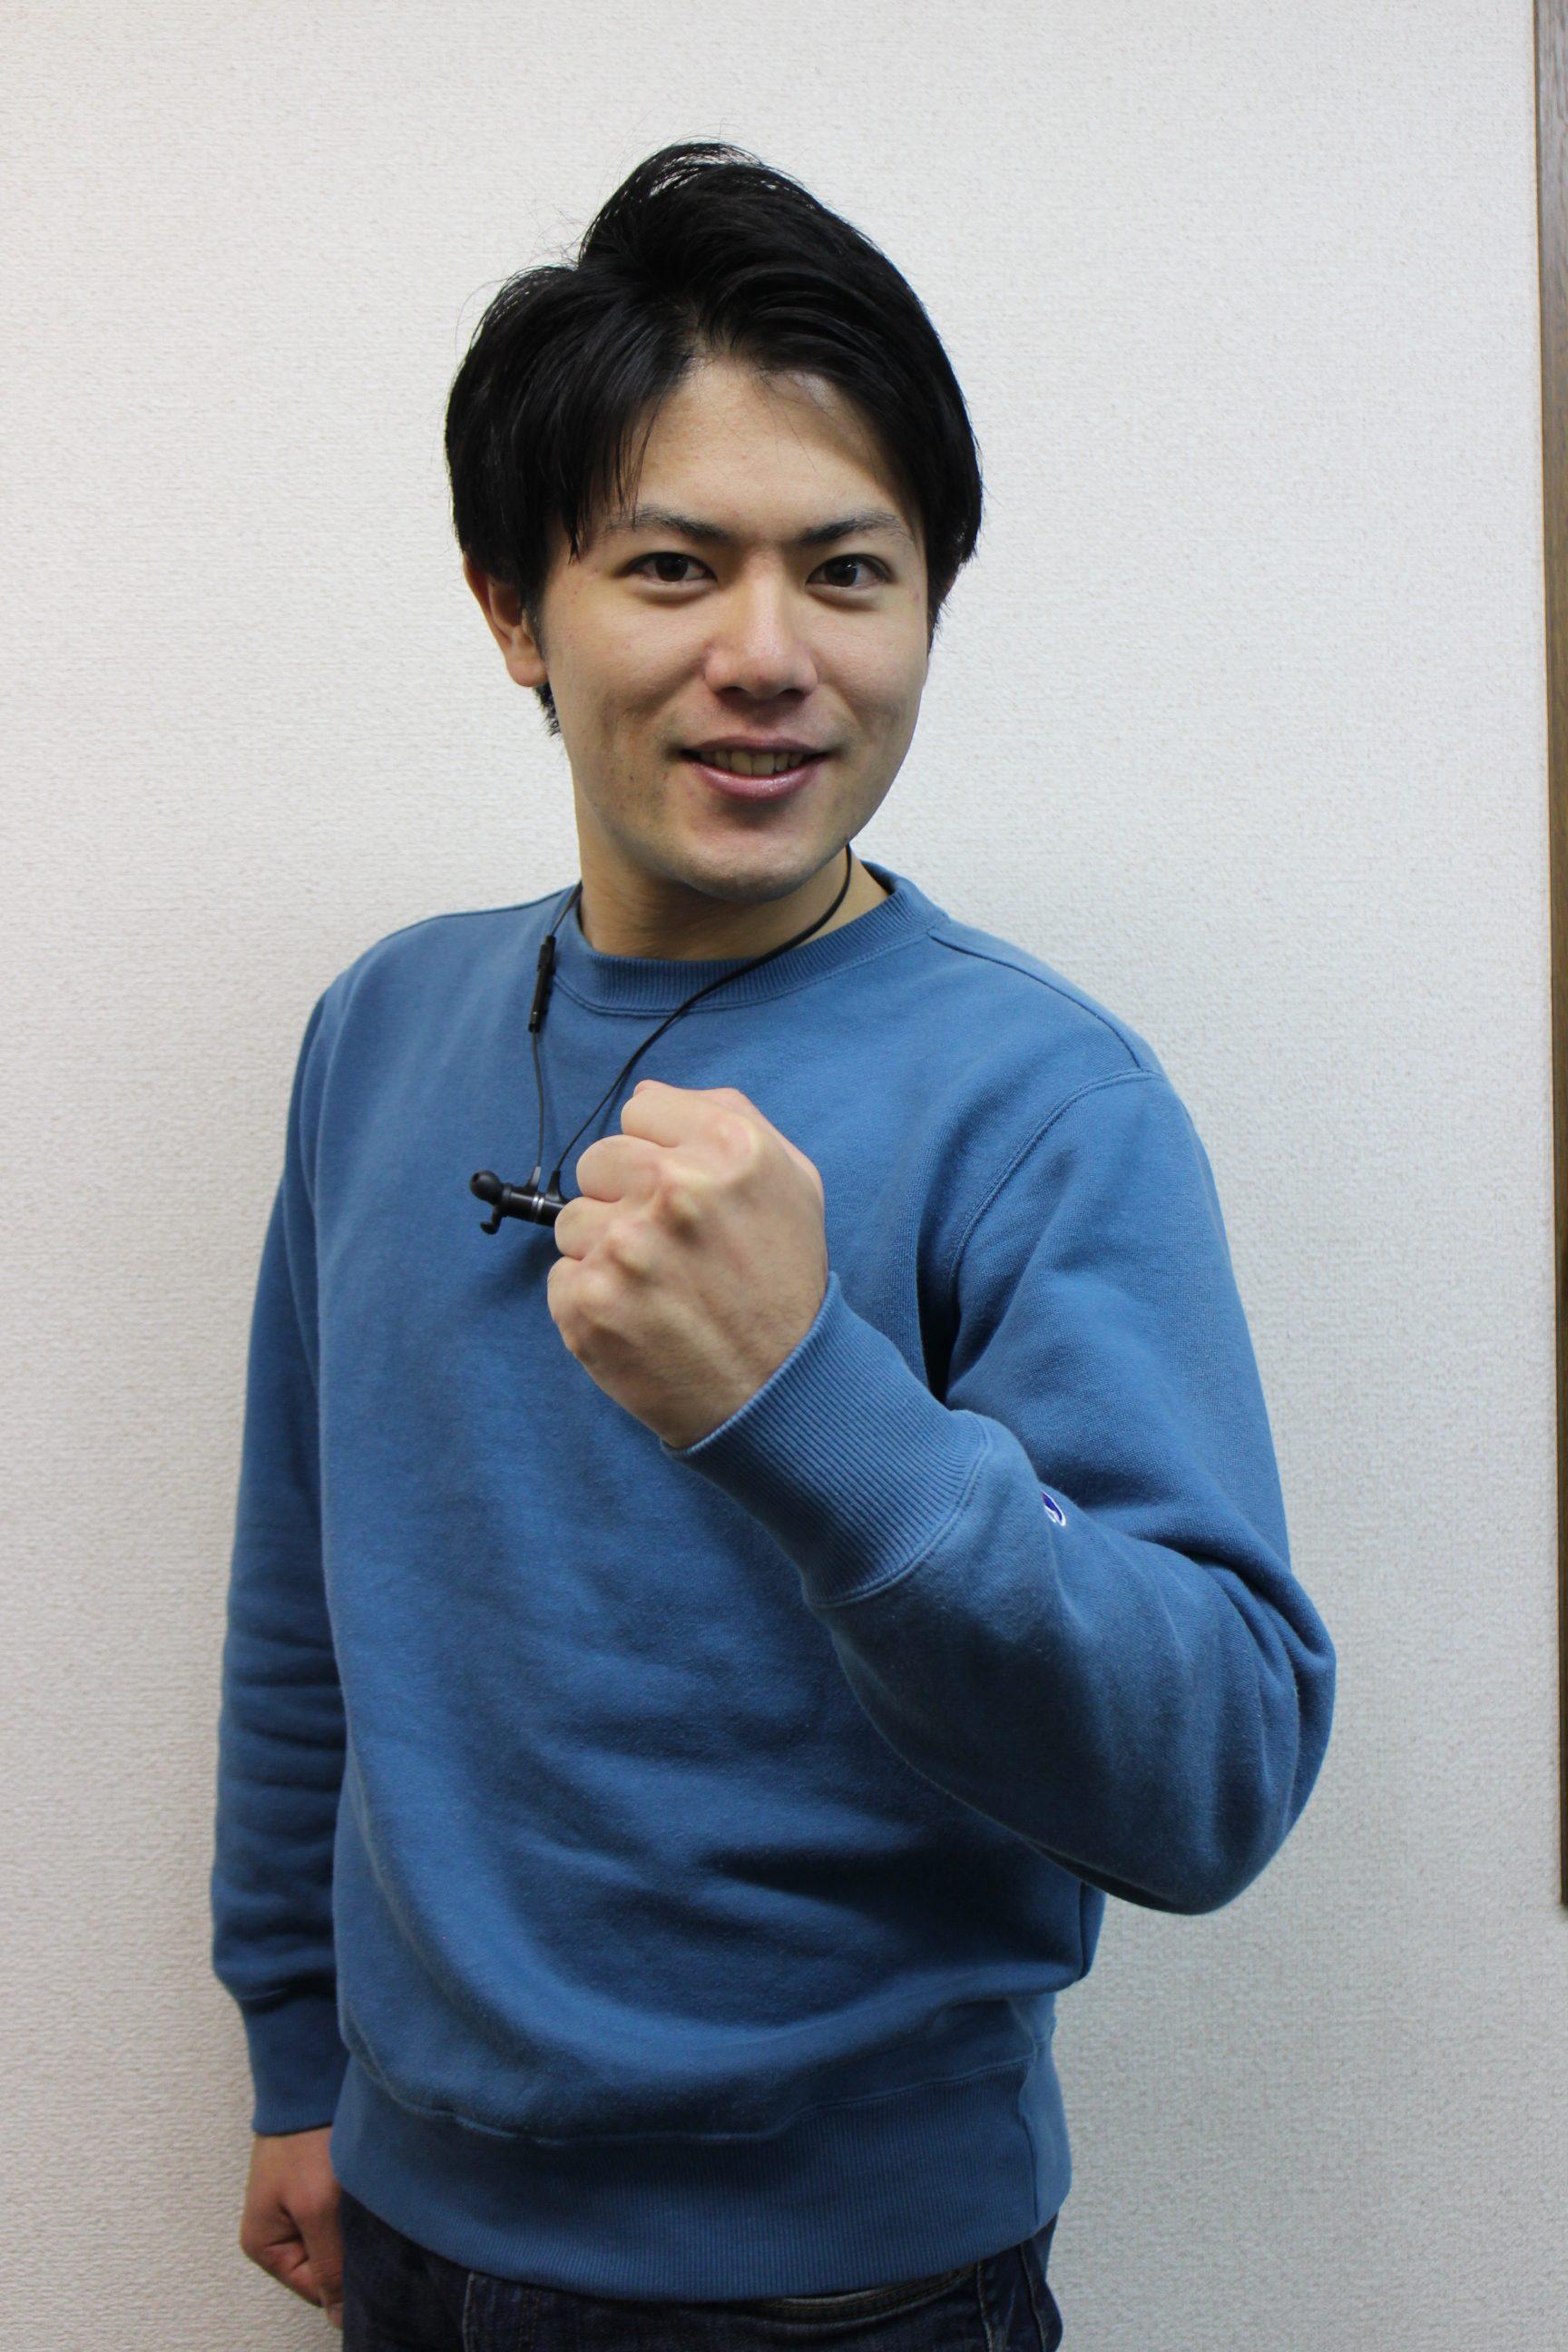 荒川先生 講師紹介 武田塾 田無校